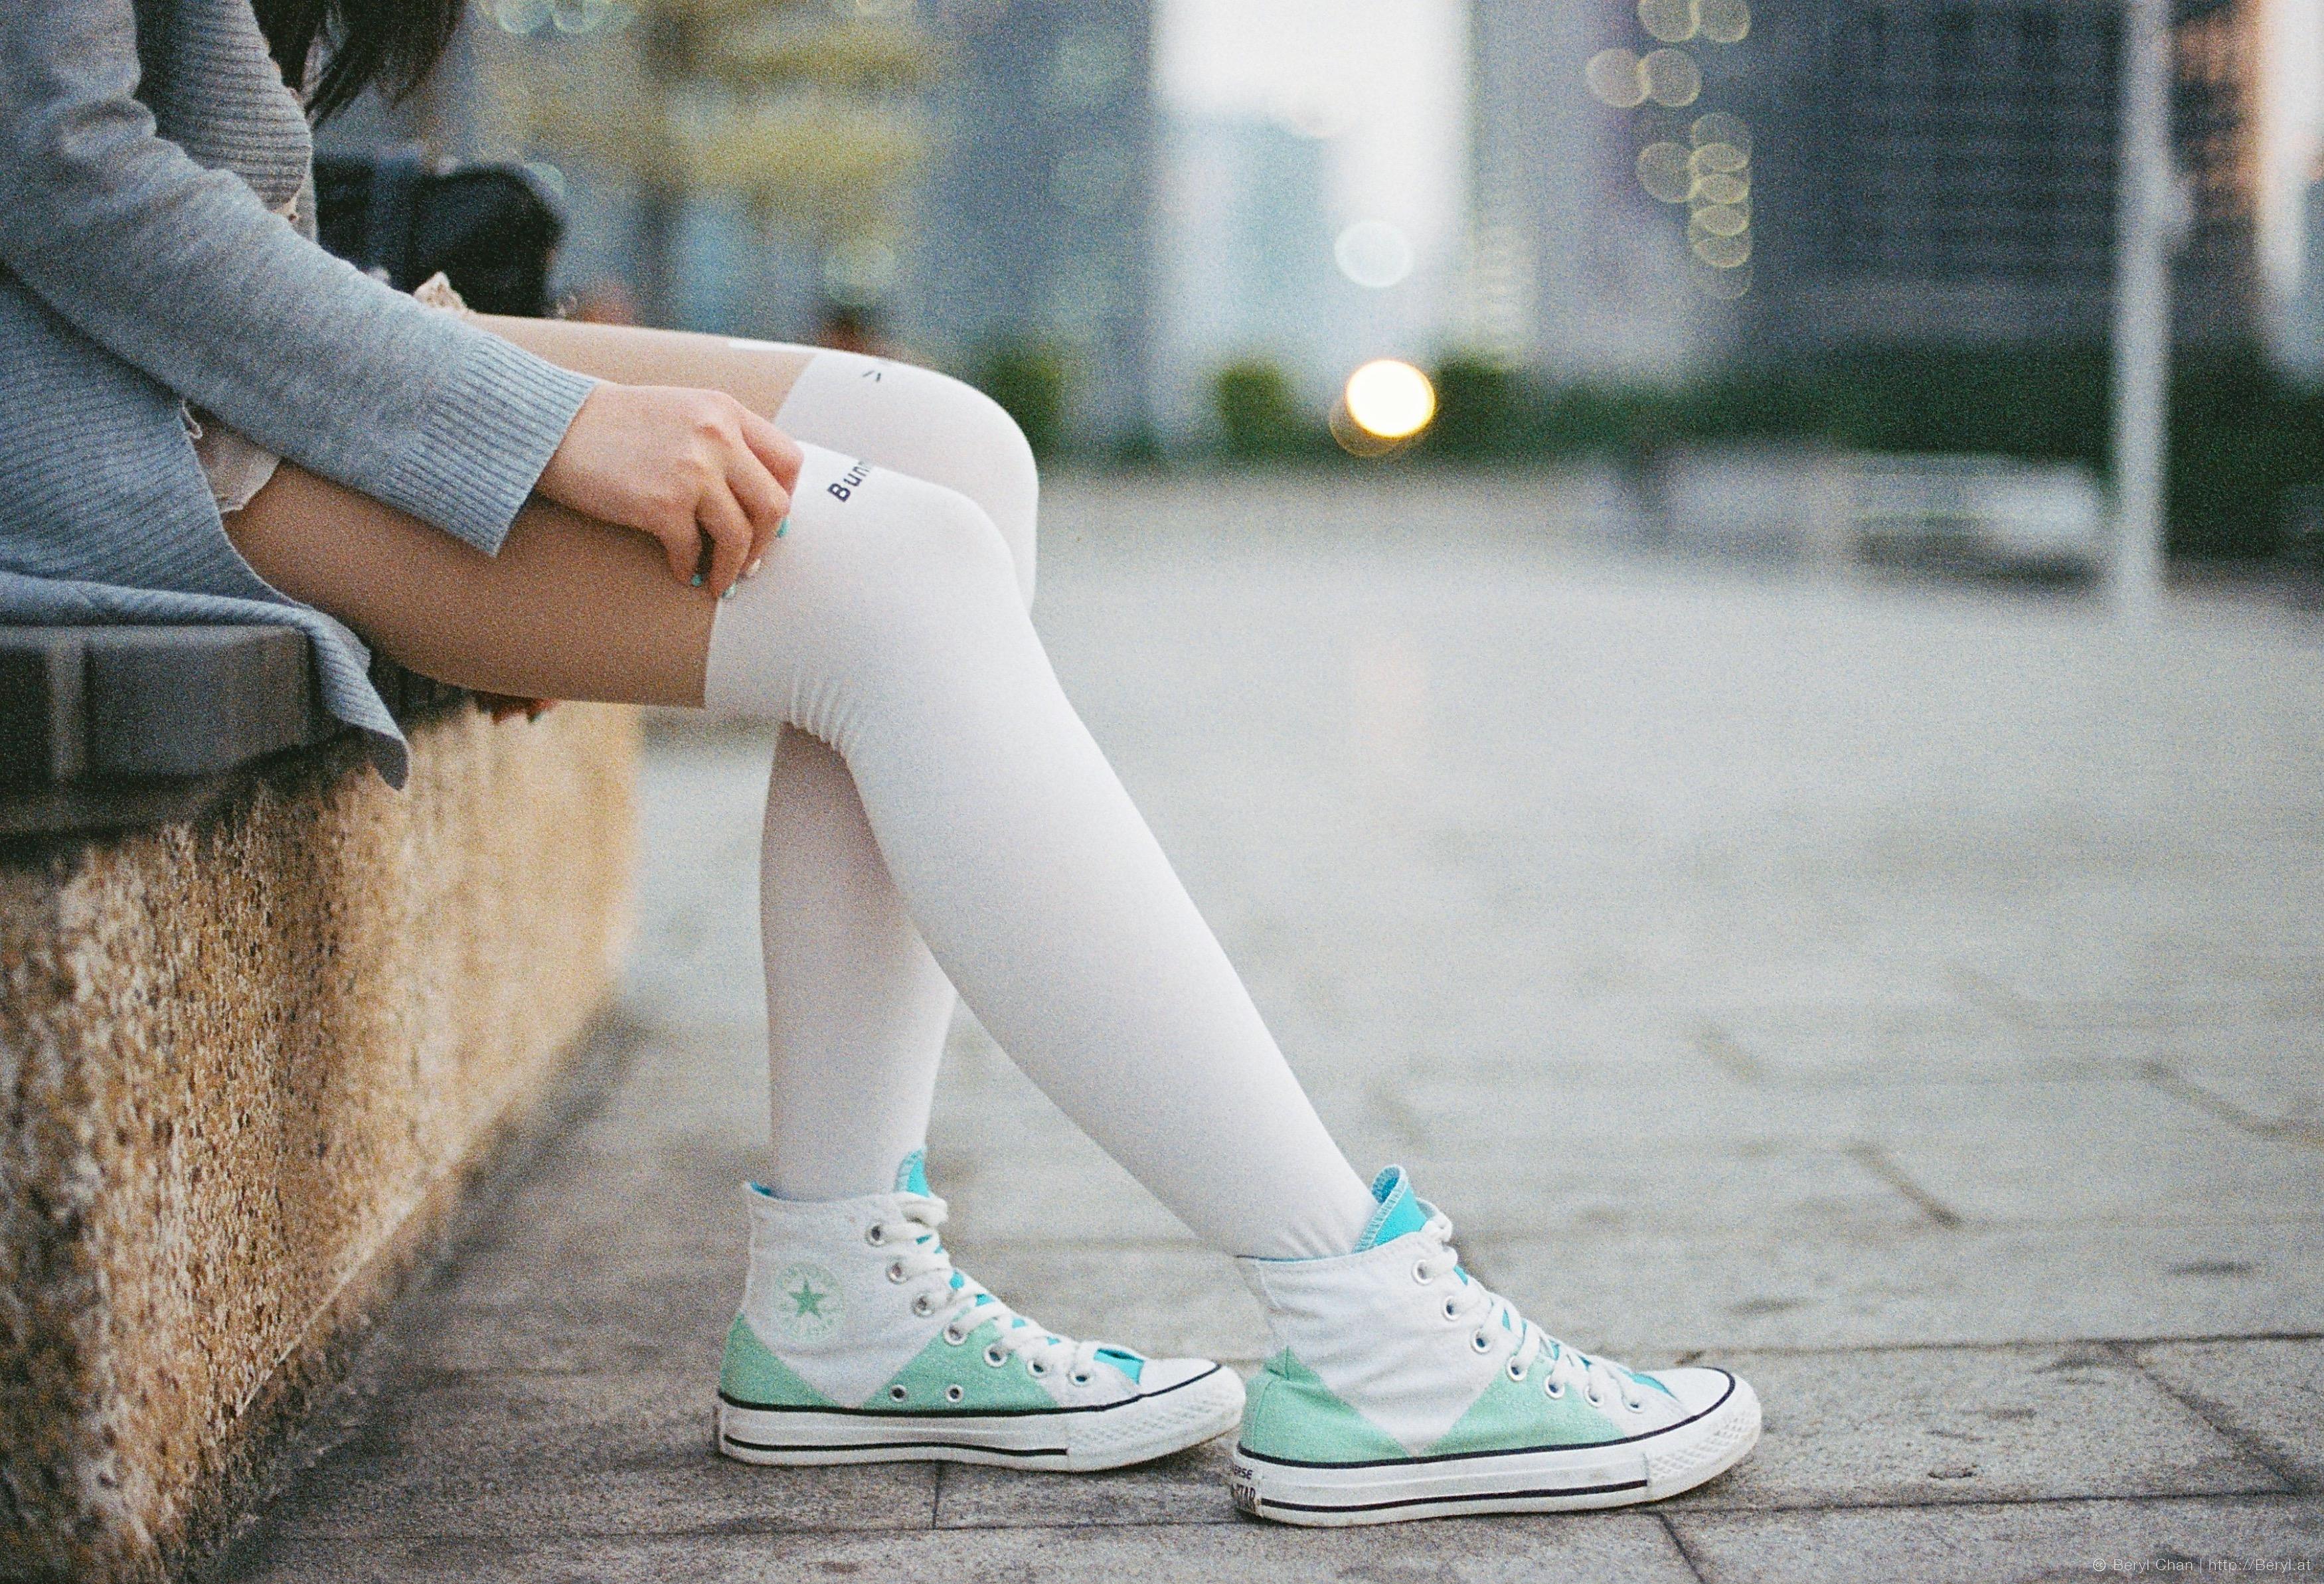 62172489 Bildet : sko, pike, hvit, søt, film, slr, fujifilm, bein, modell, vår,  farge, sitter, ren, mote, nikon, klær, Menneskekroppen, 50mm, kjole, ben,  joggesko, ...